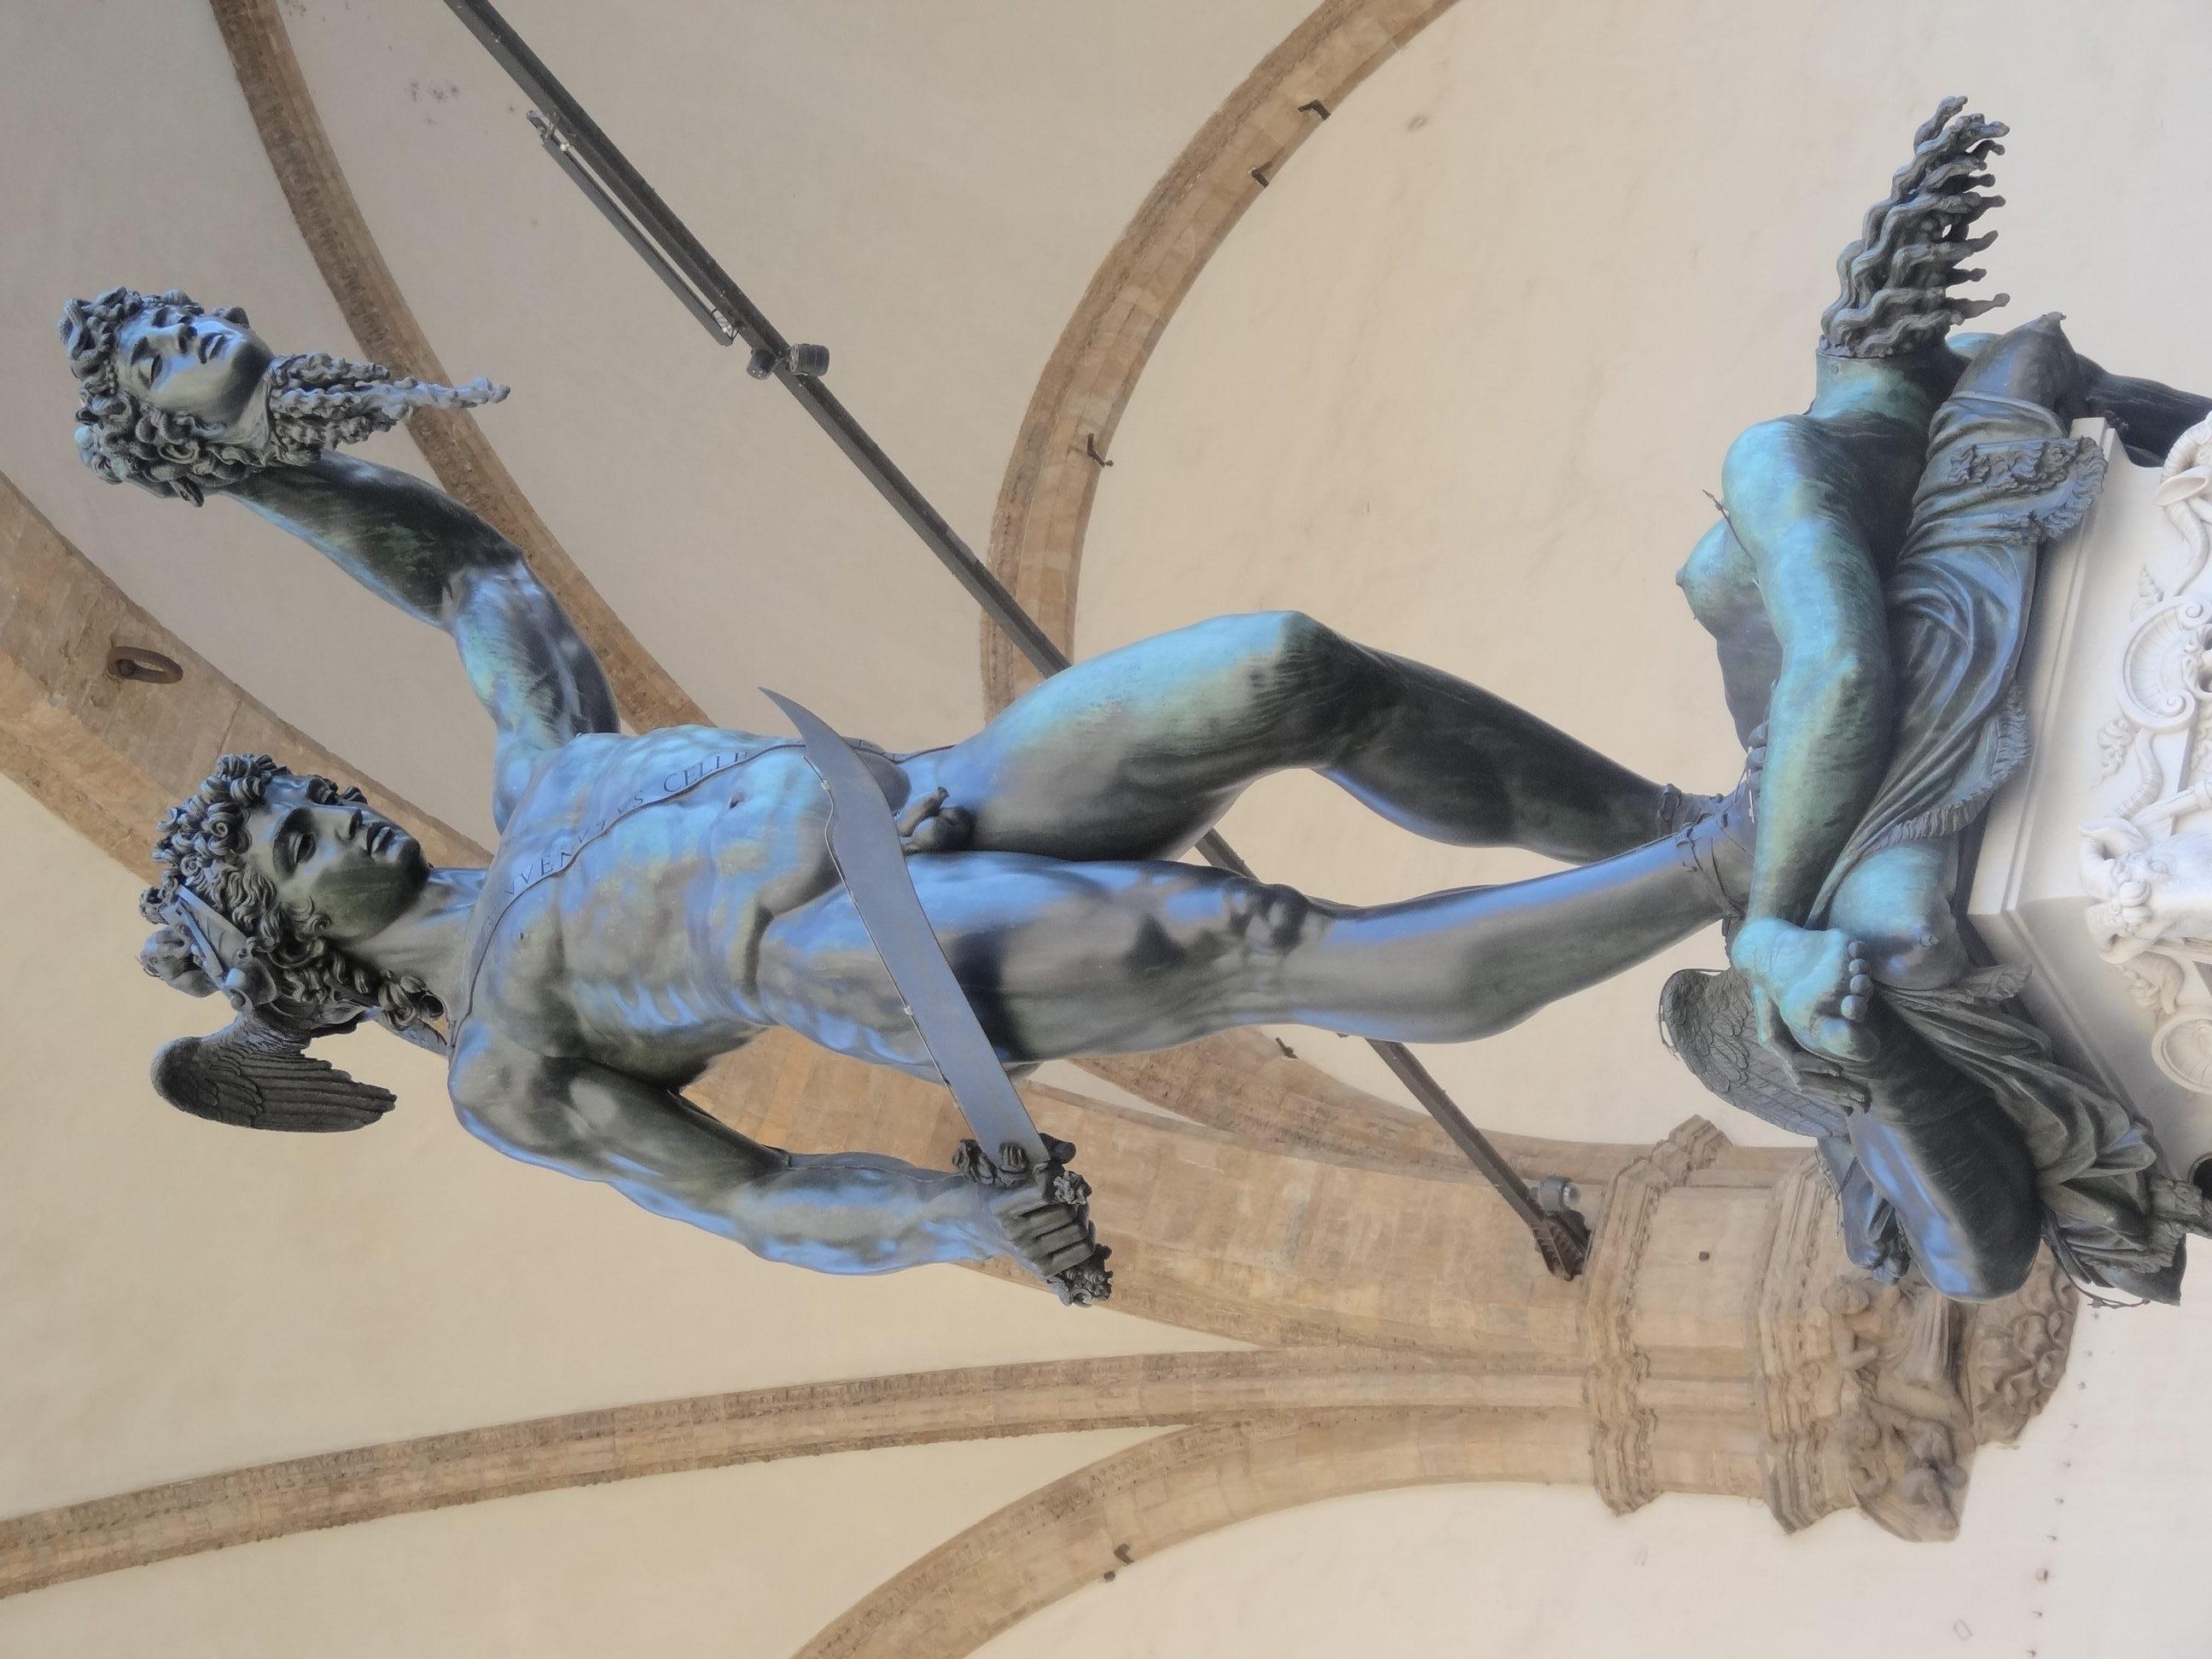 Бенвенуто Челлини. Персей. 1545-1554. Флоренция, Италия. Источник https://upload.wikimedia.org/